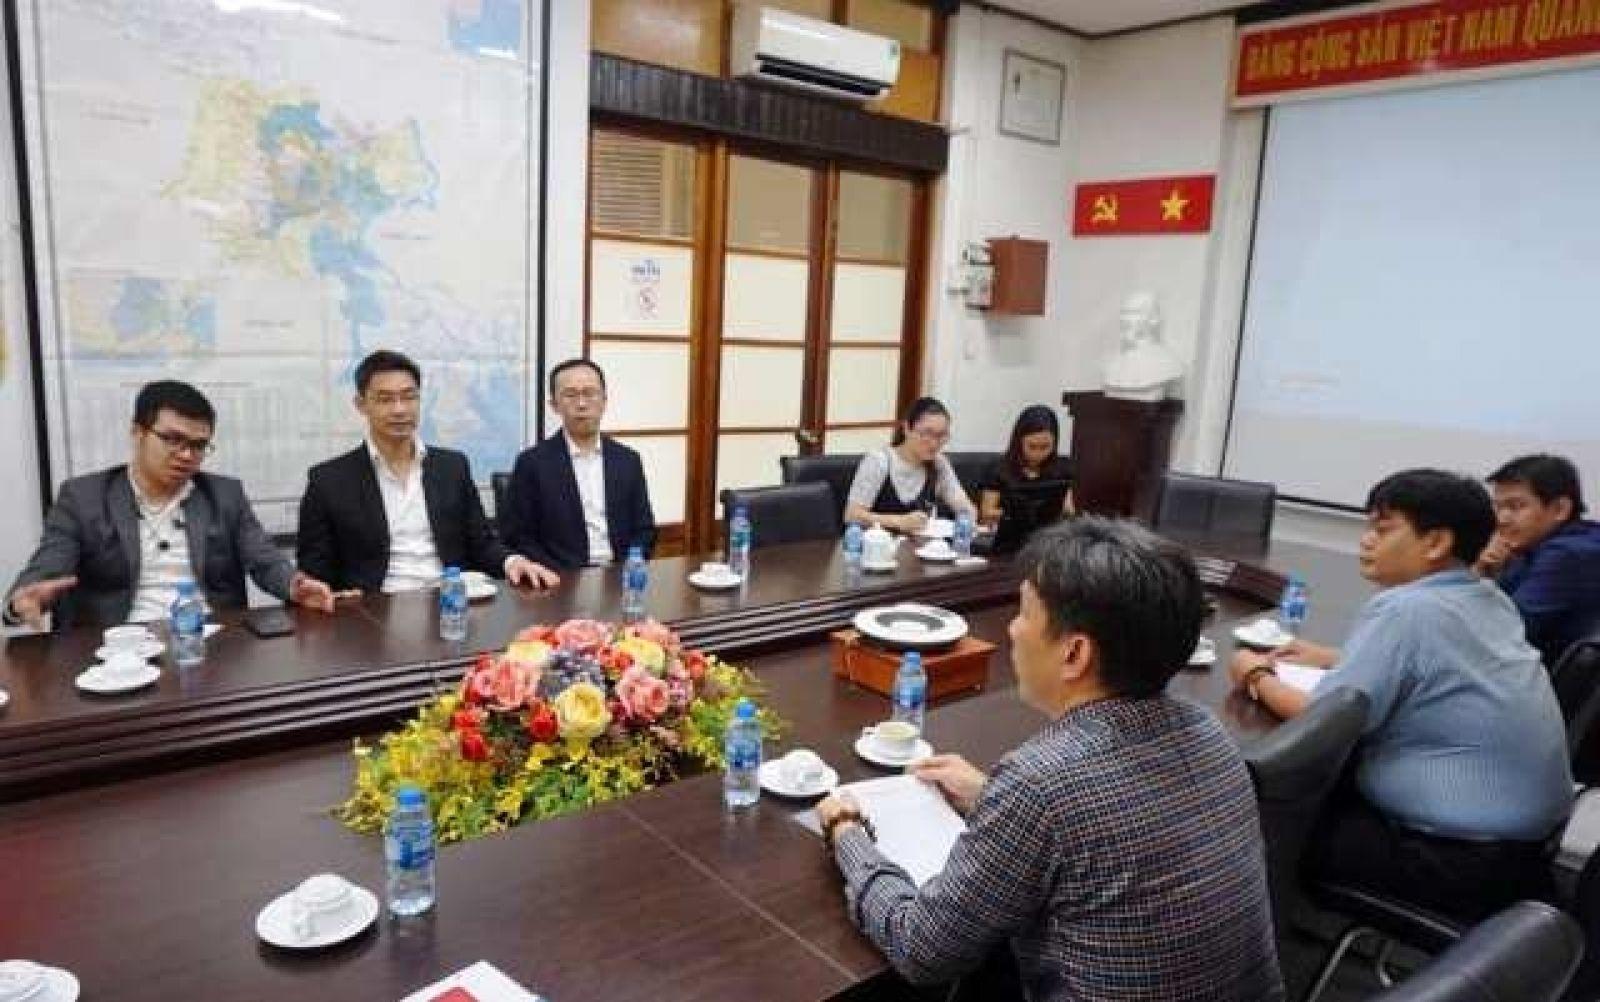 Cựu Phó Thủ tướng Đức Philipp Rösler (người thứ 2 từ trái sang) thăm và làm việc tại Sở KH&CN TP. Hồ Chí Minh